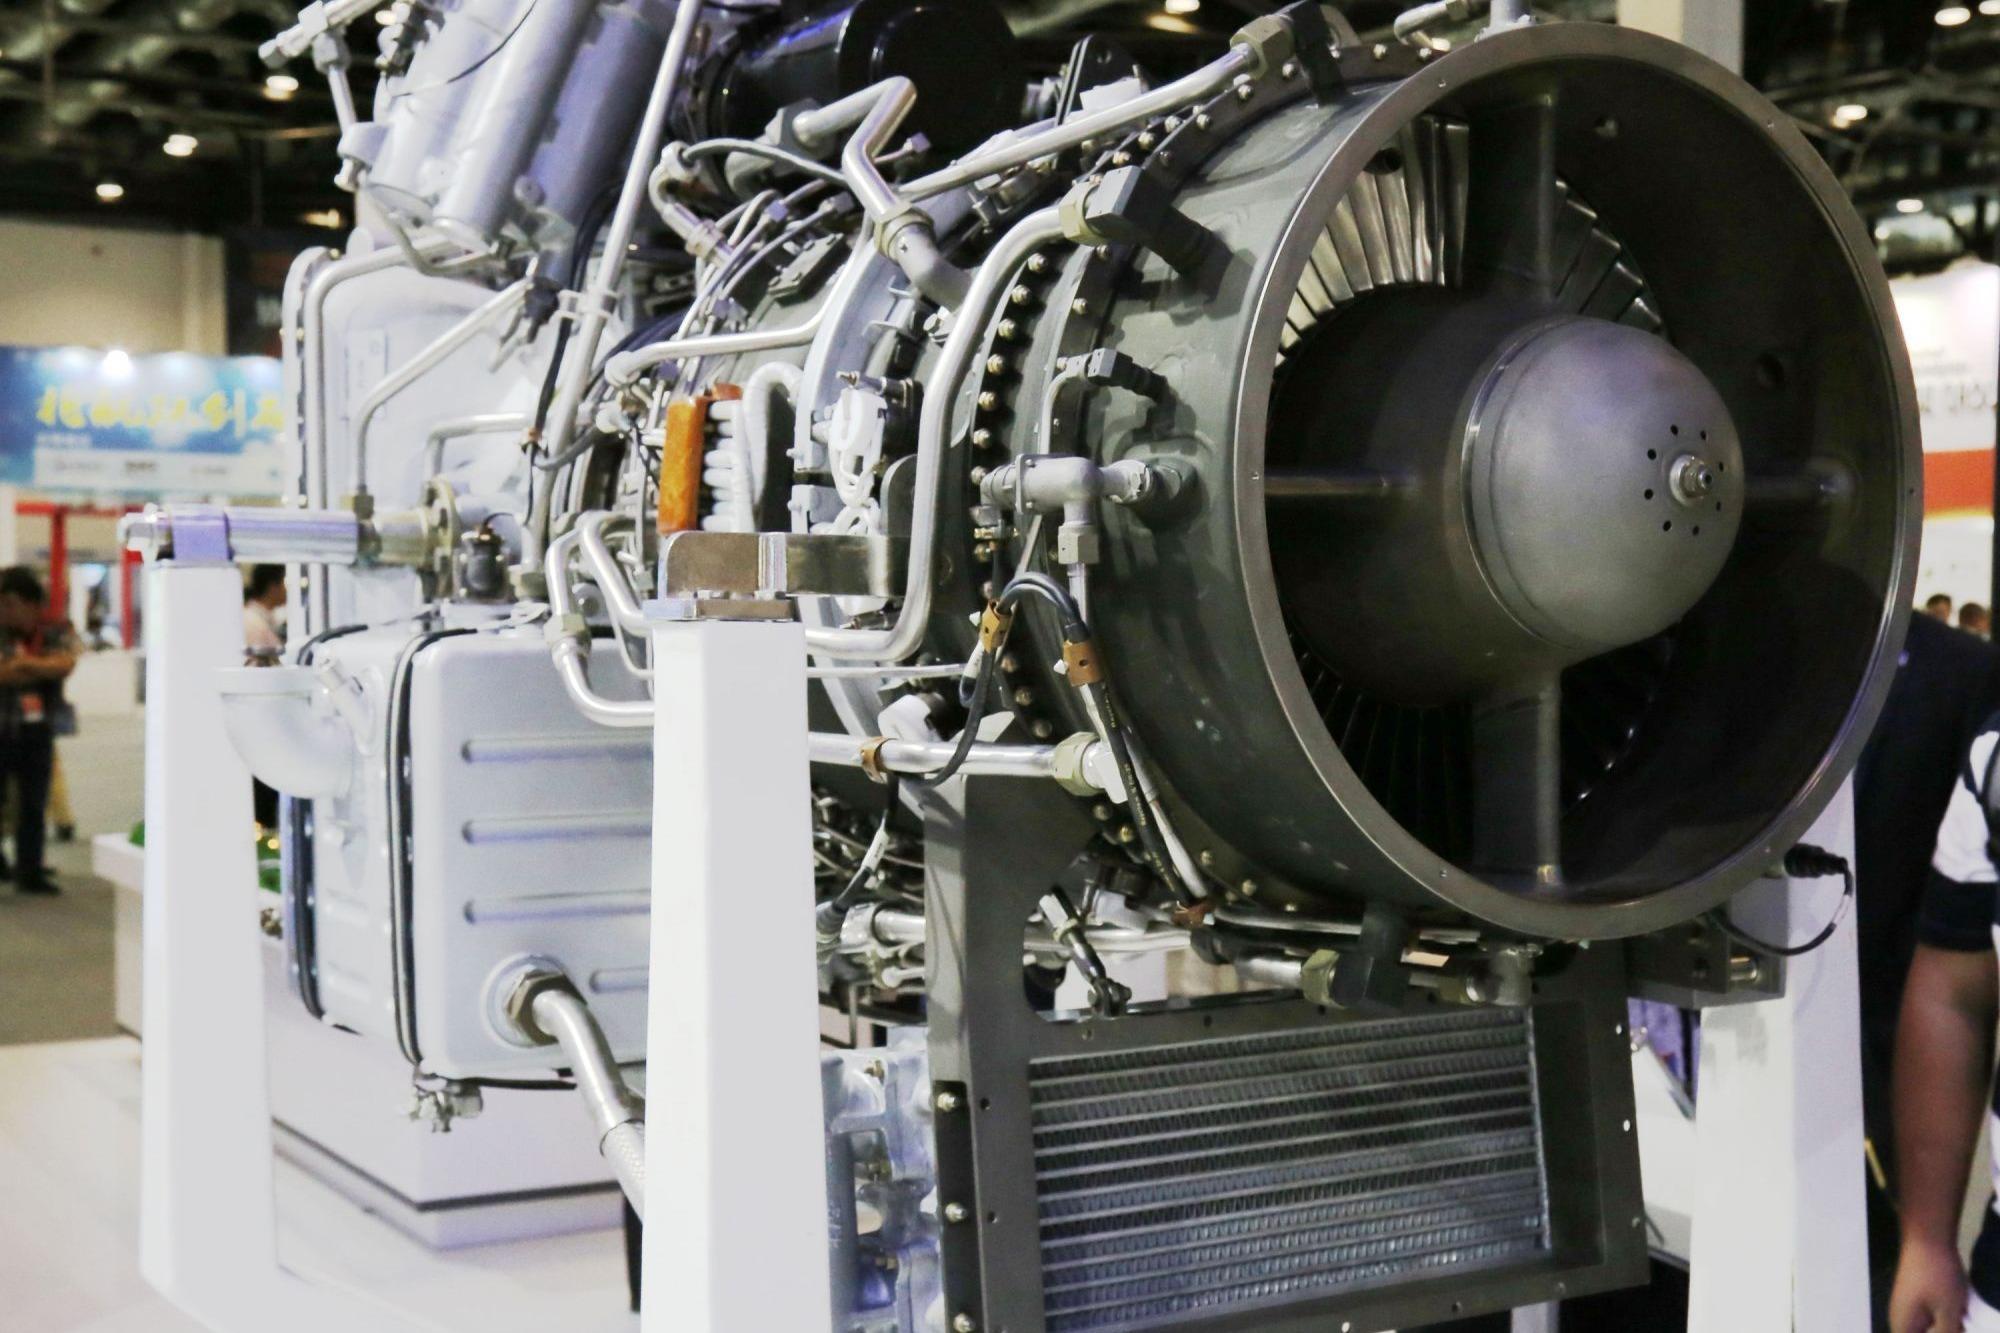 马达西奇公司有五款先进发动机 中国吸收该机先进技术 美国蒙圈